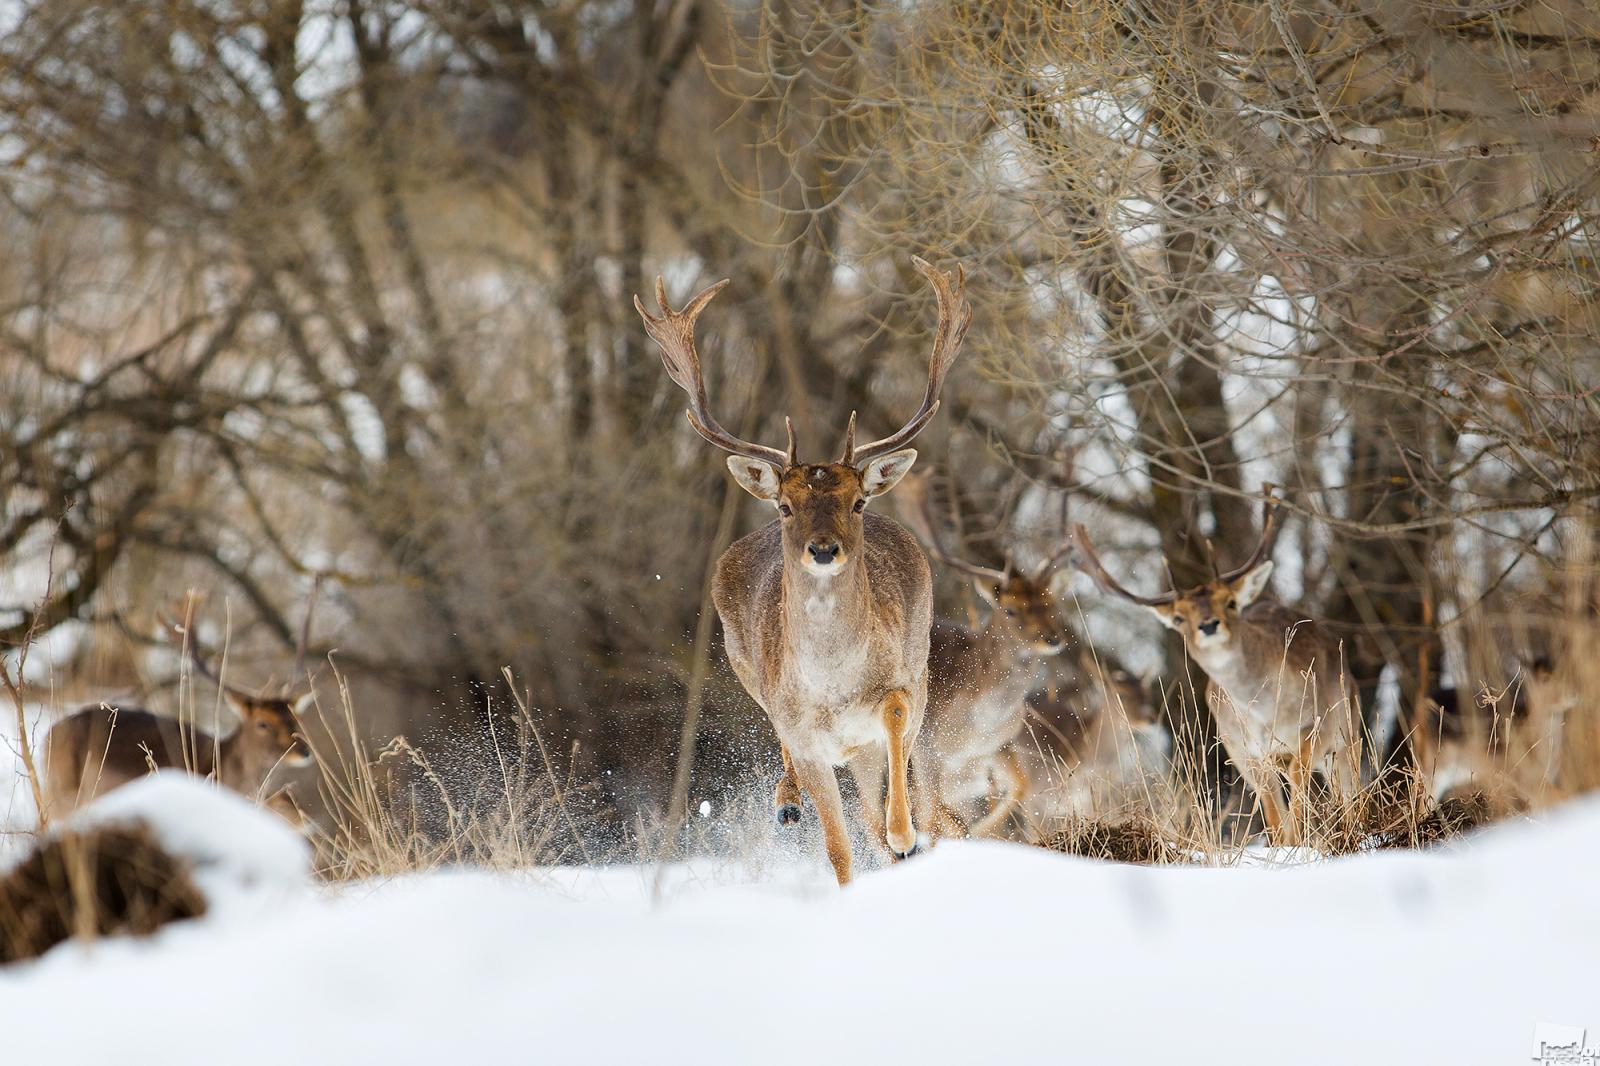 鹿の群れを支配するオスの鹿。リペツク州ニコリスコエ村